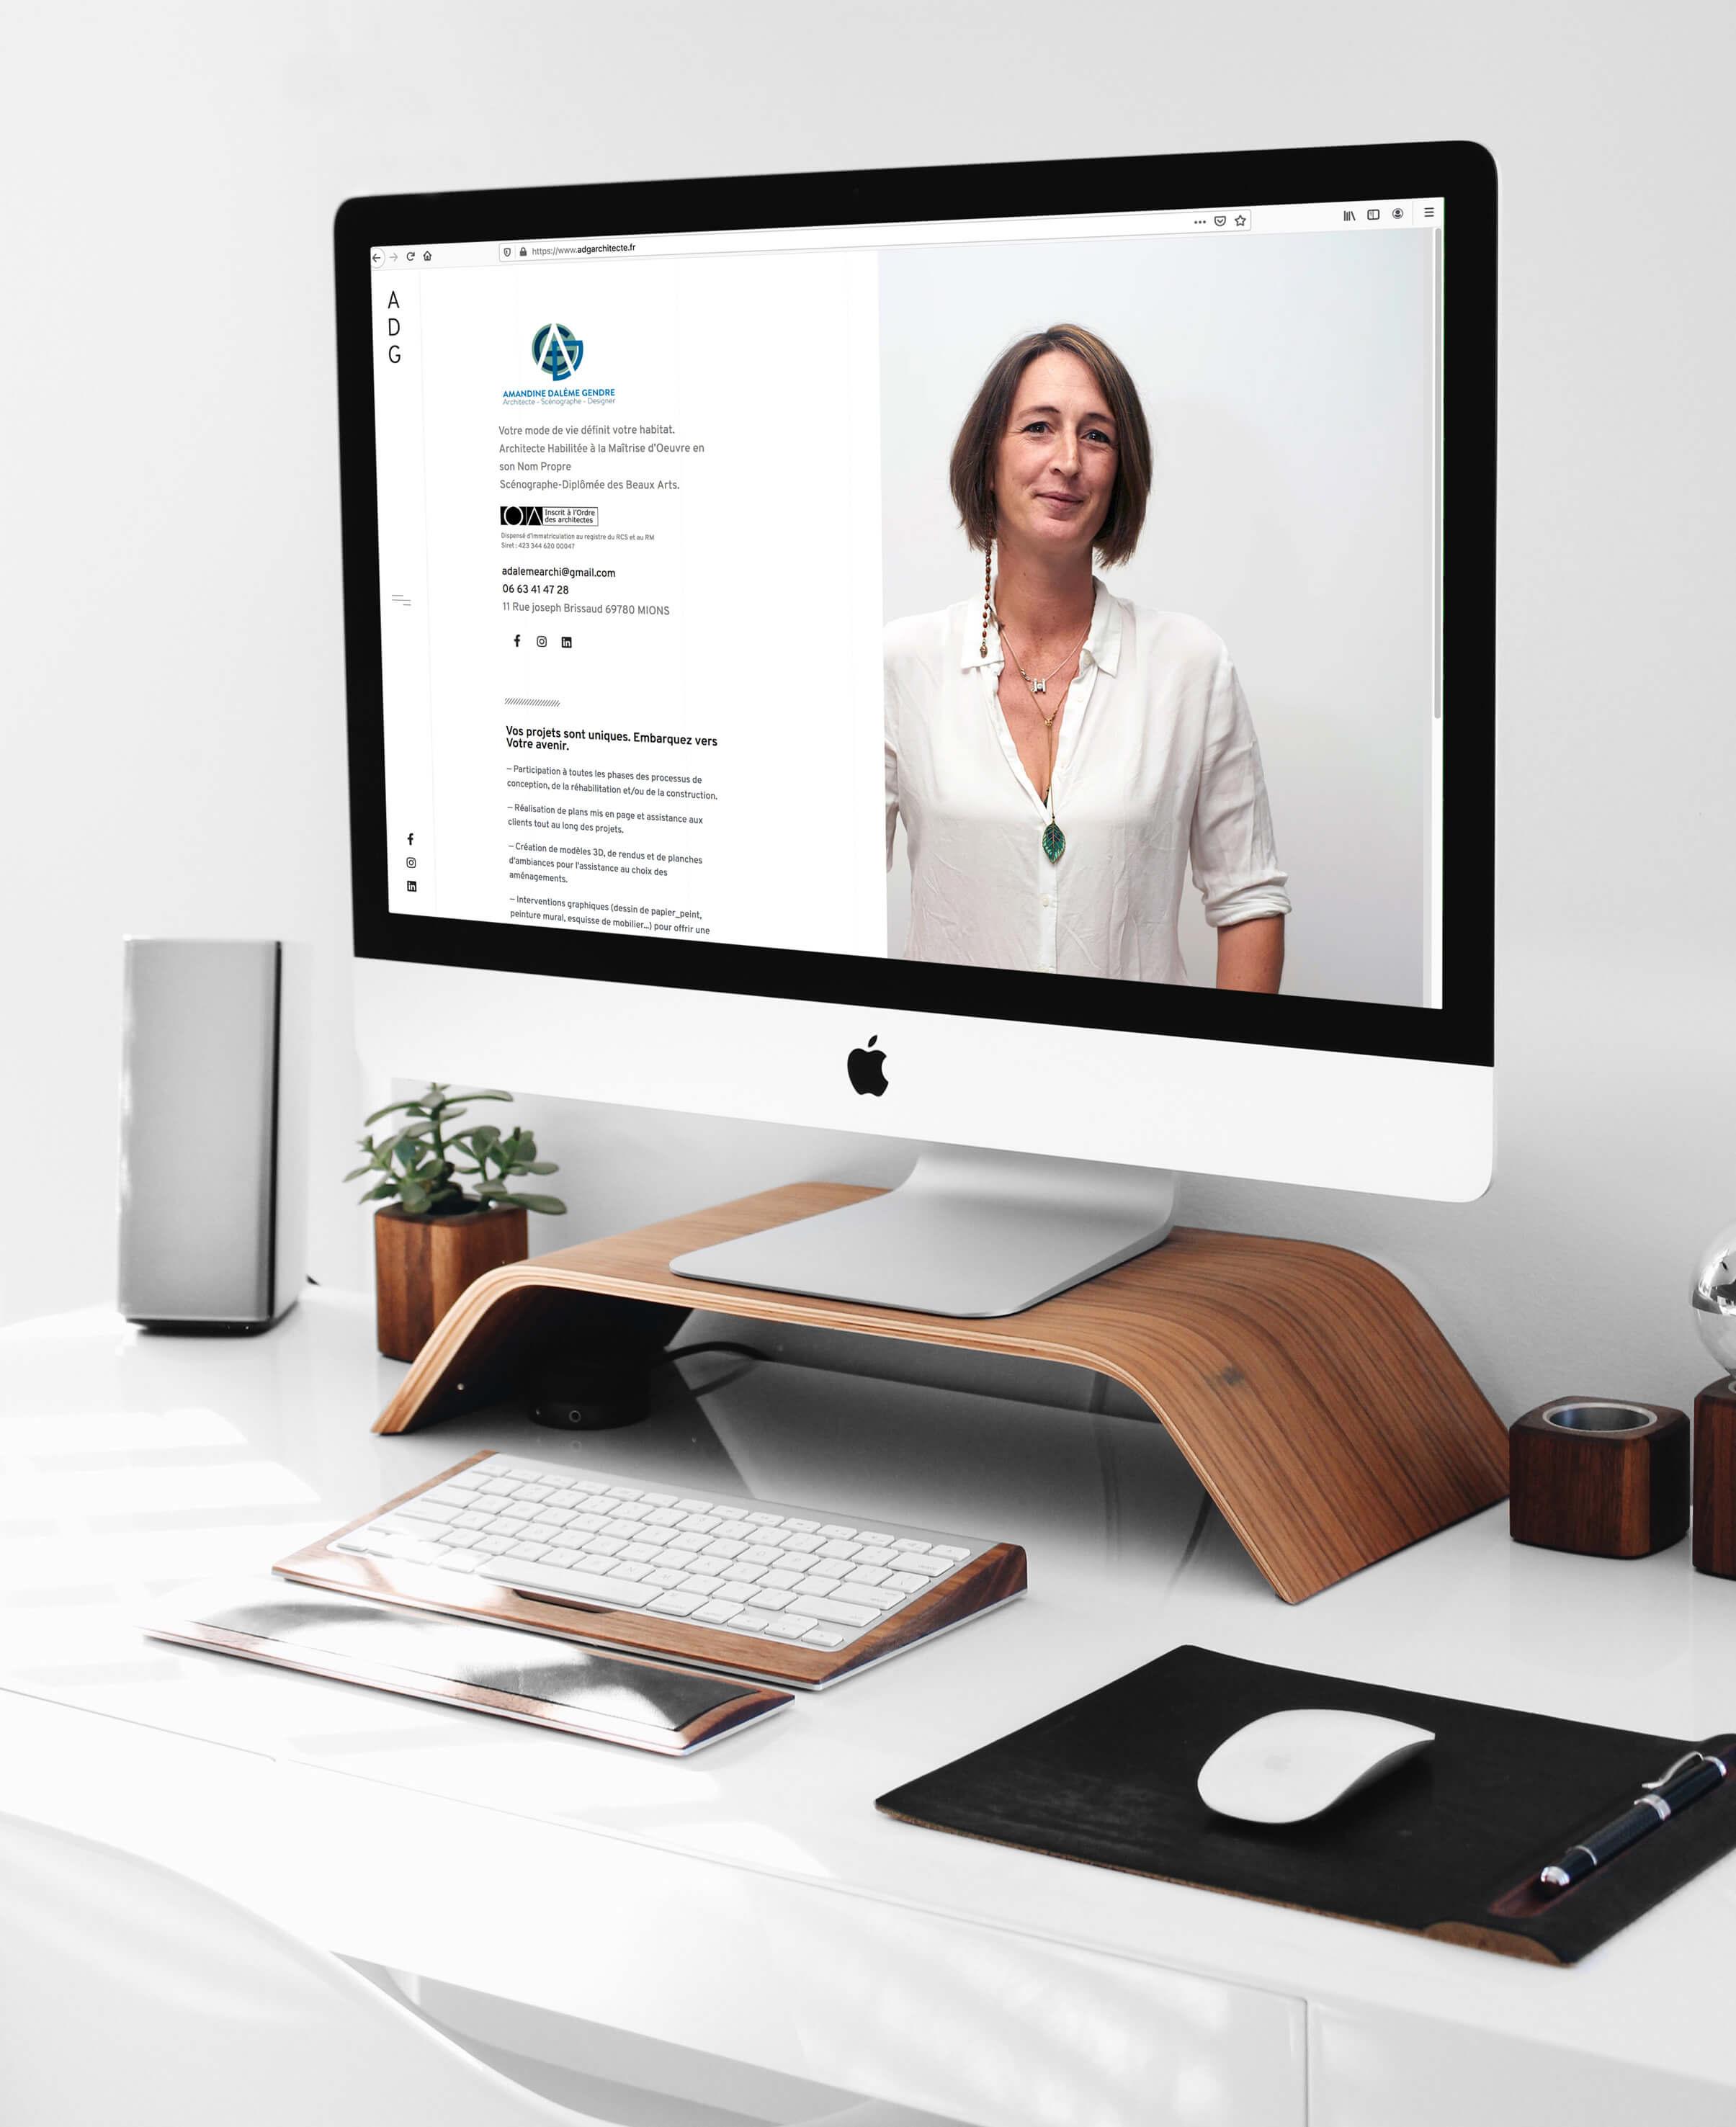 adgarchitecte - Création site web - Sextant Creative